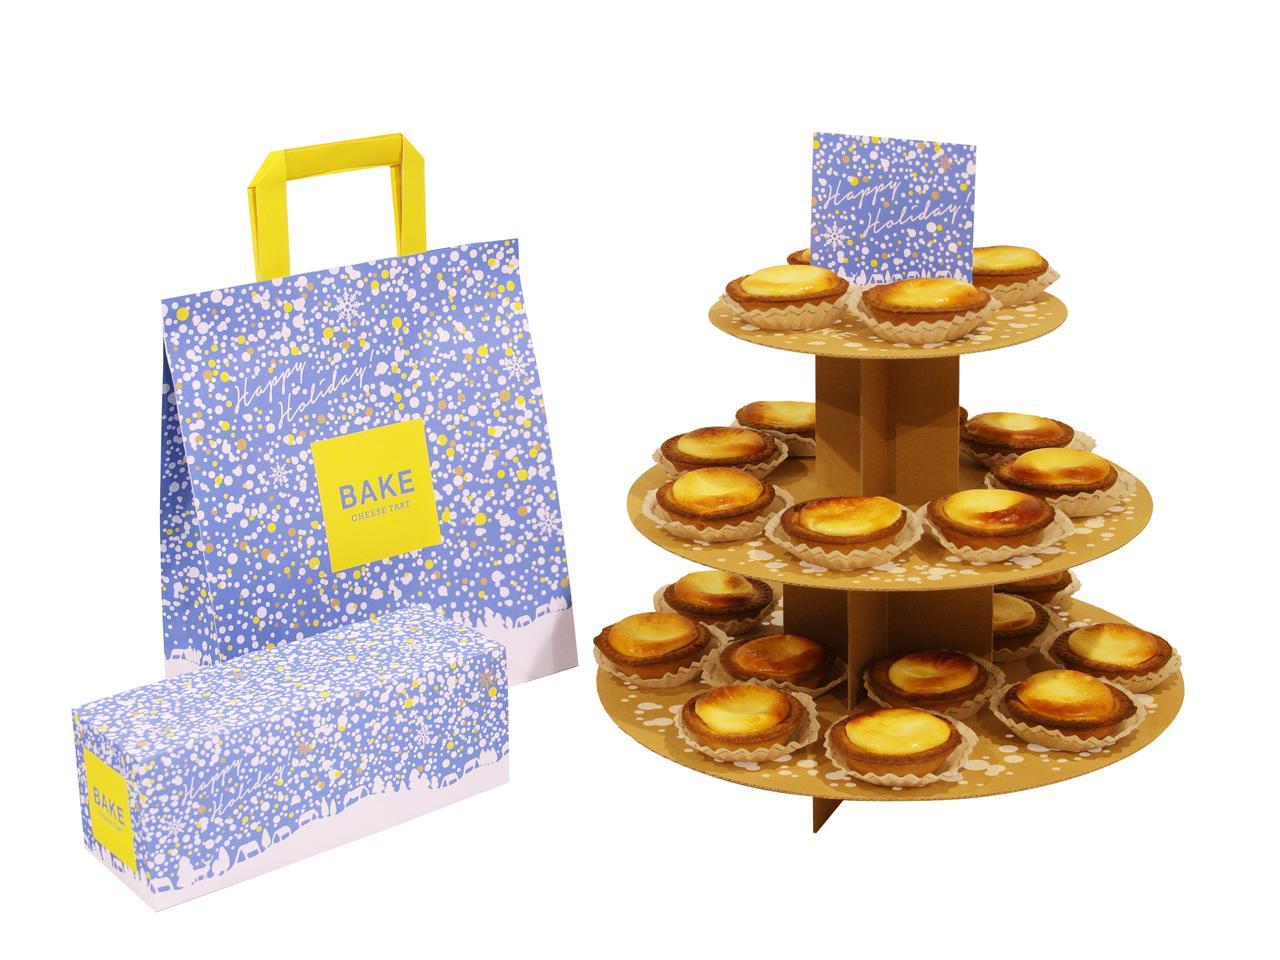 画像2: クリスマスや忘年会などのパーティーシーズンを盛り上げる『チーズタルトデコレーションタワー』